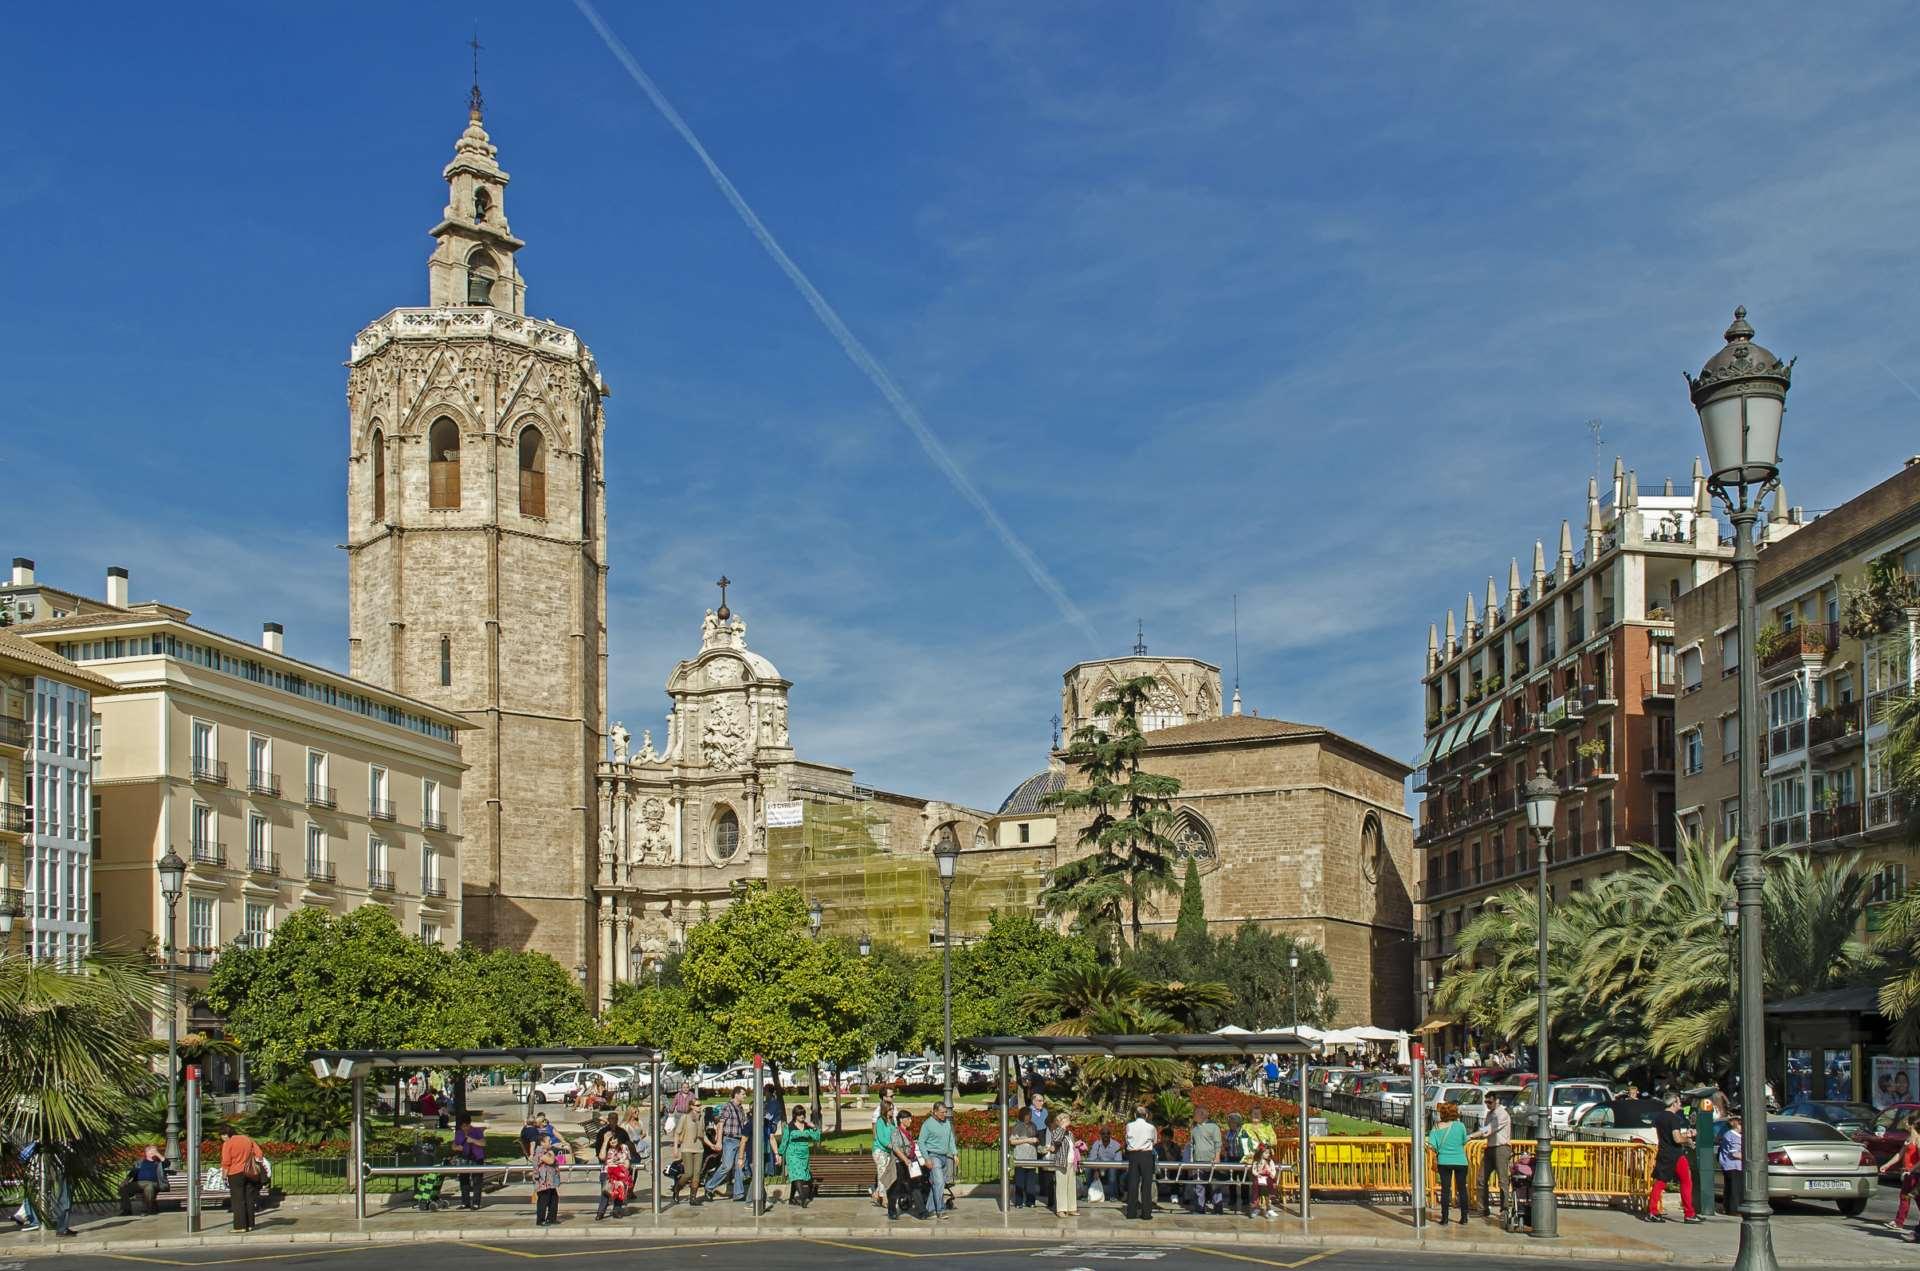 centro histórico de Valencia. Guía turística Valencia